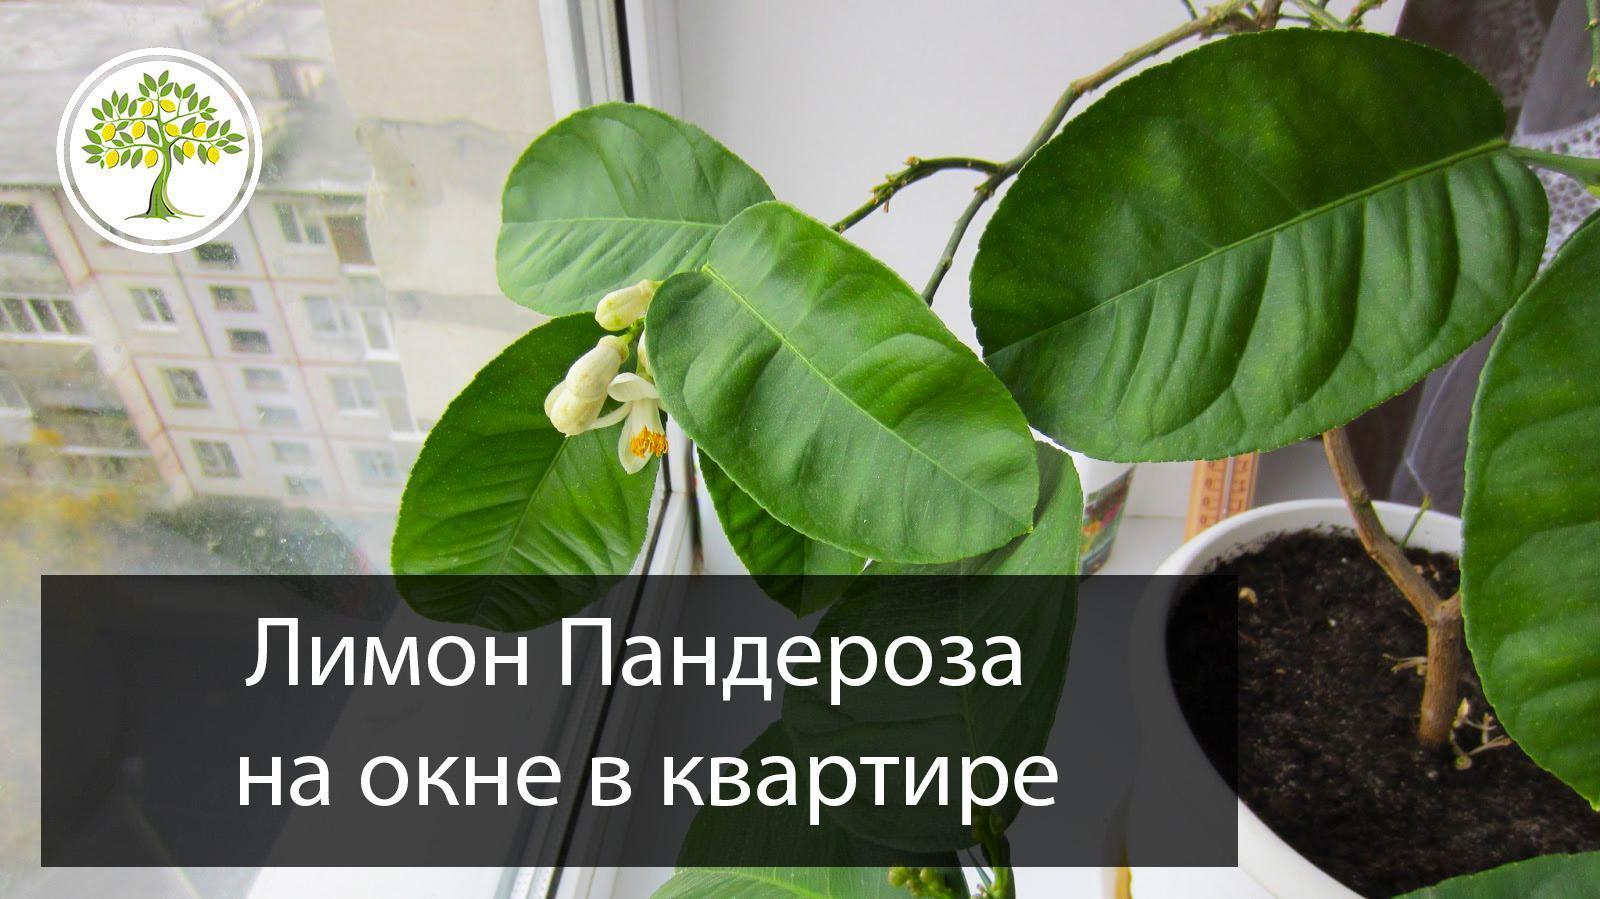 Лимон пандероза цветет дома фото